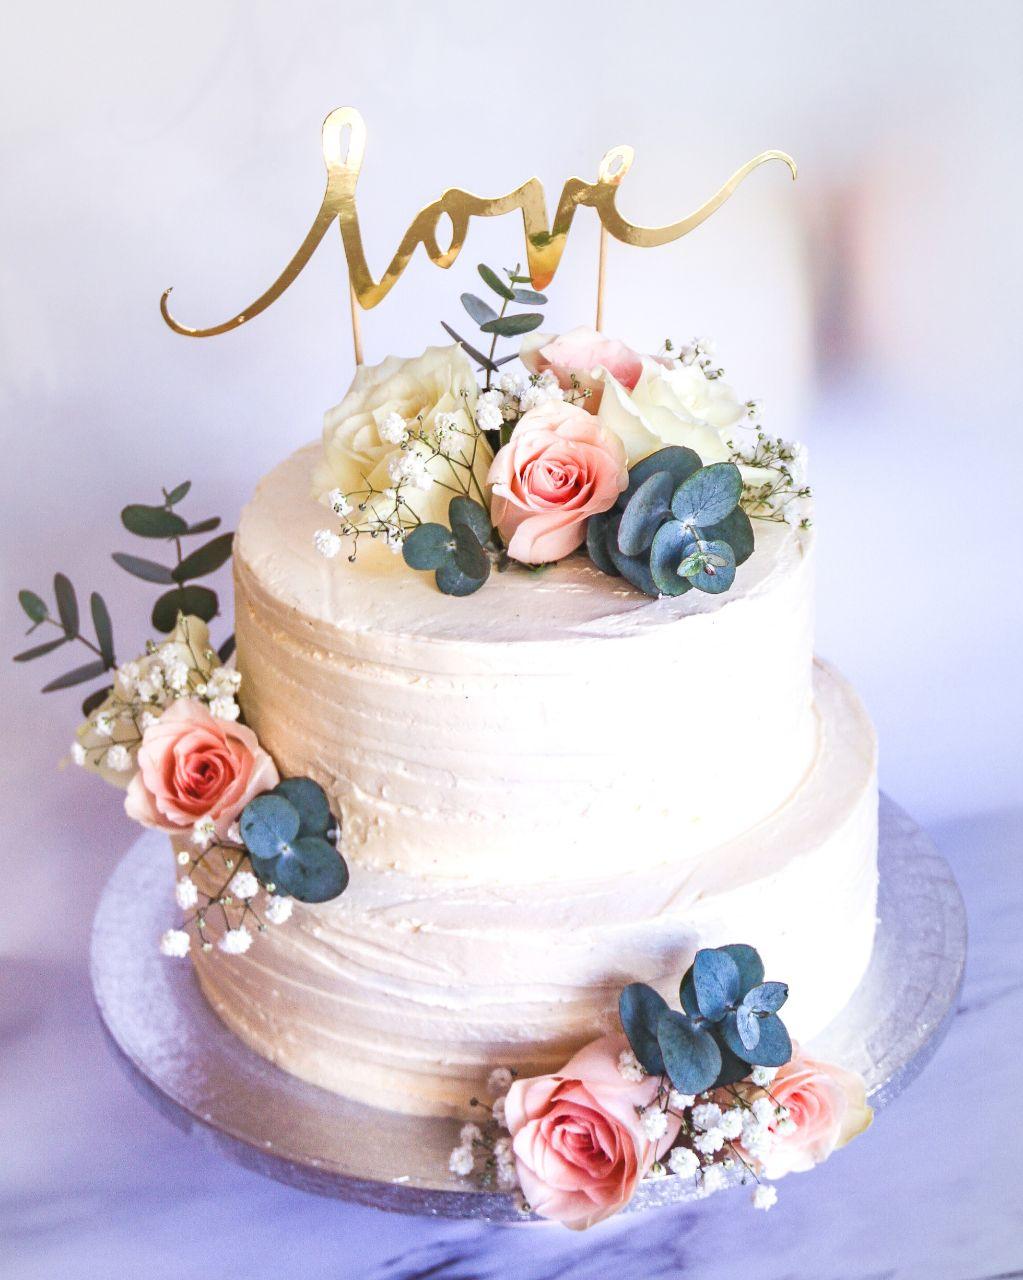 witte-structuur-streepjes-botercrème-taart-met-zacht-roze-bloemen-en-goud-love-taart-topper